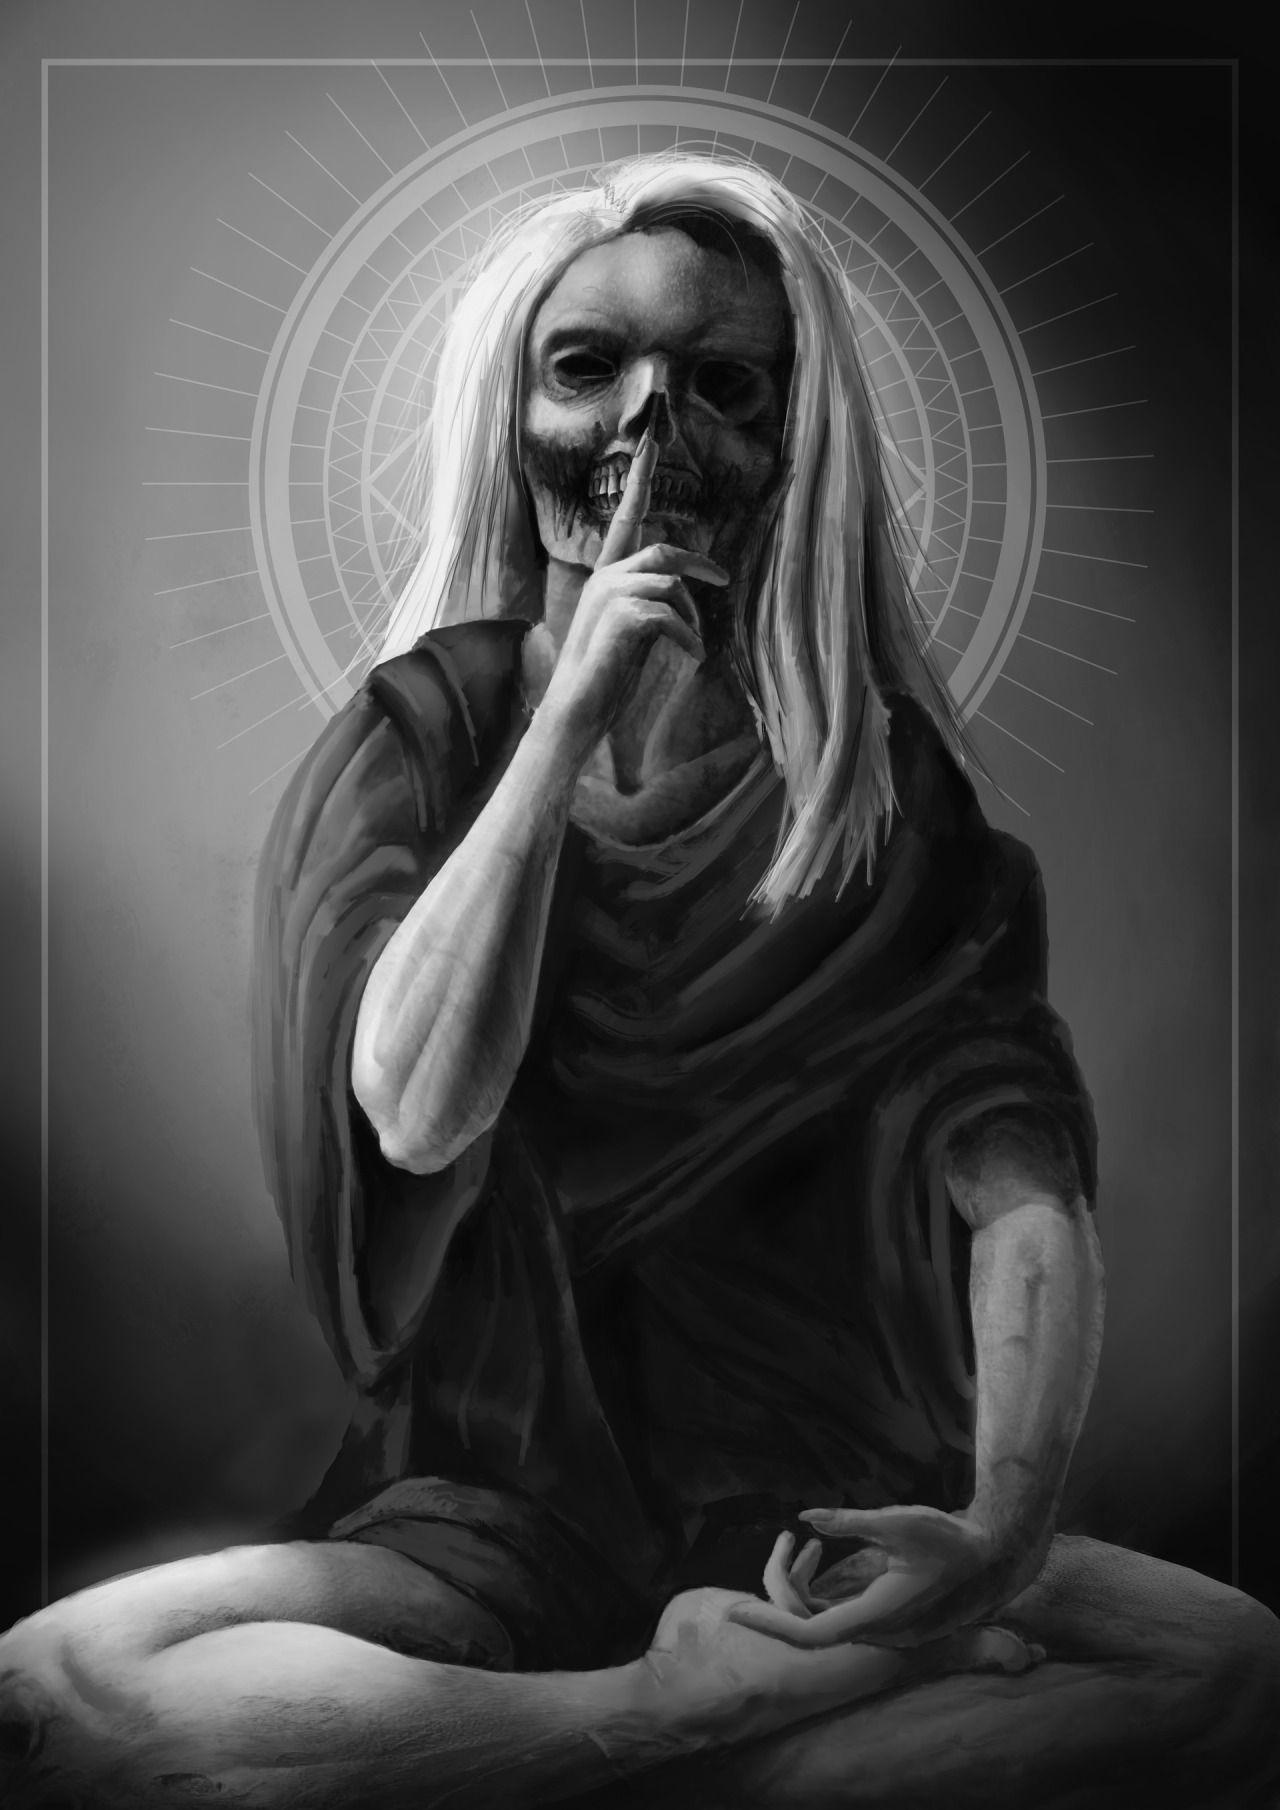 scififantasyhorror Dark art photography, Dark gothic